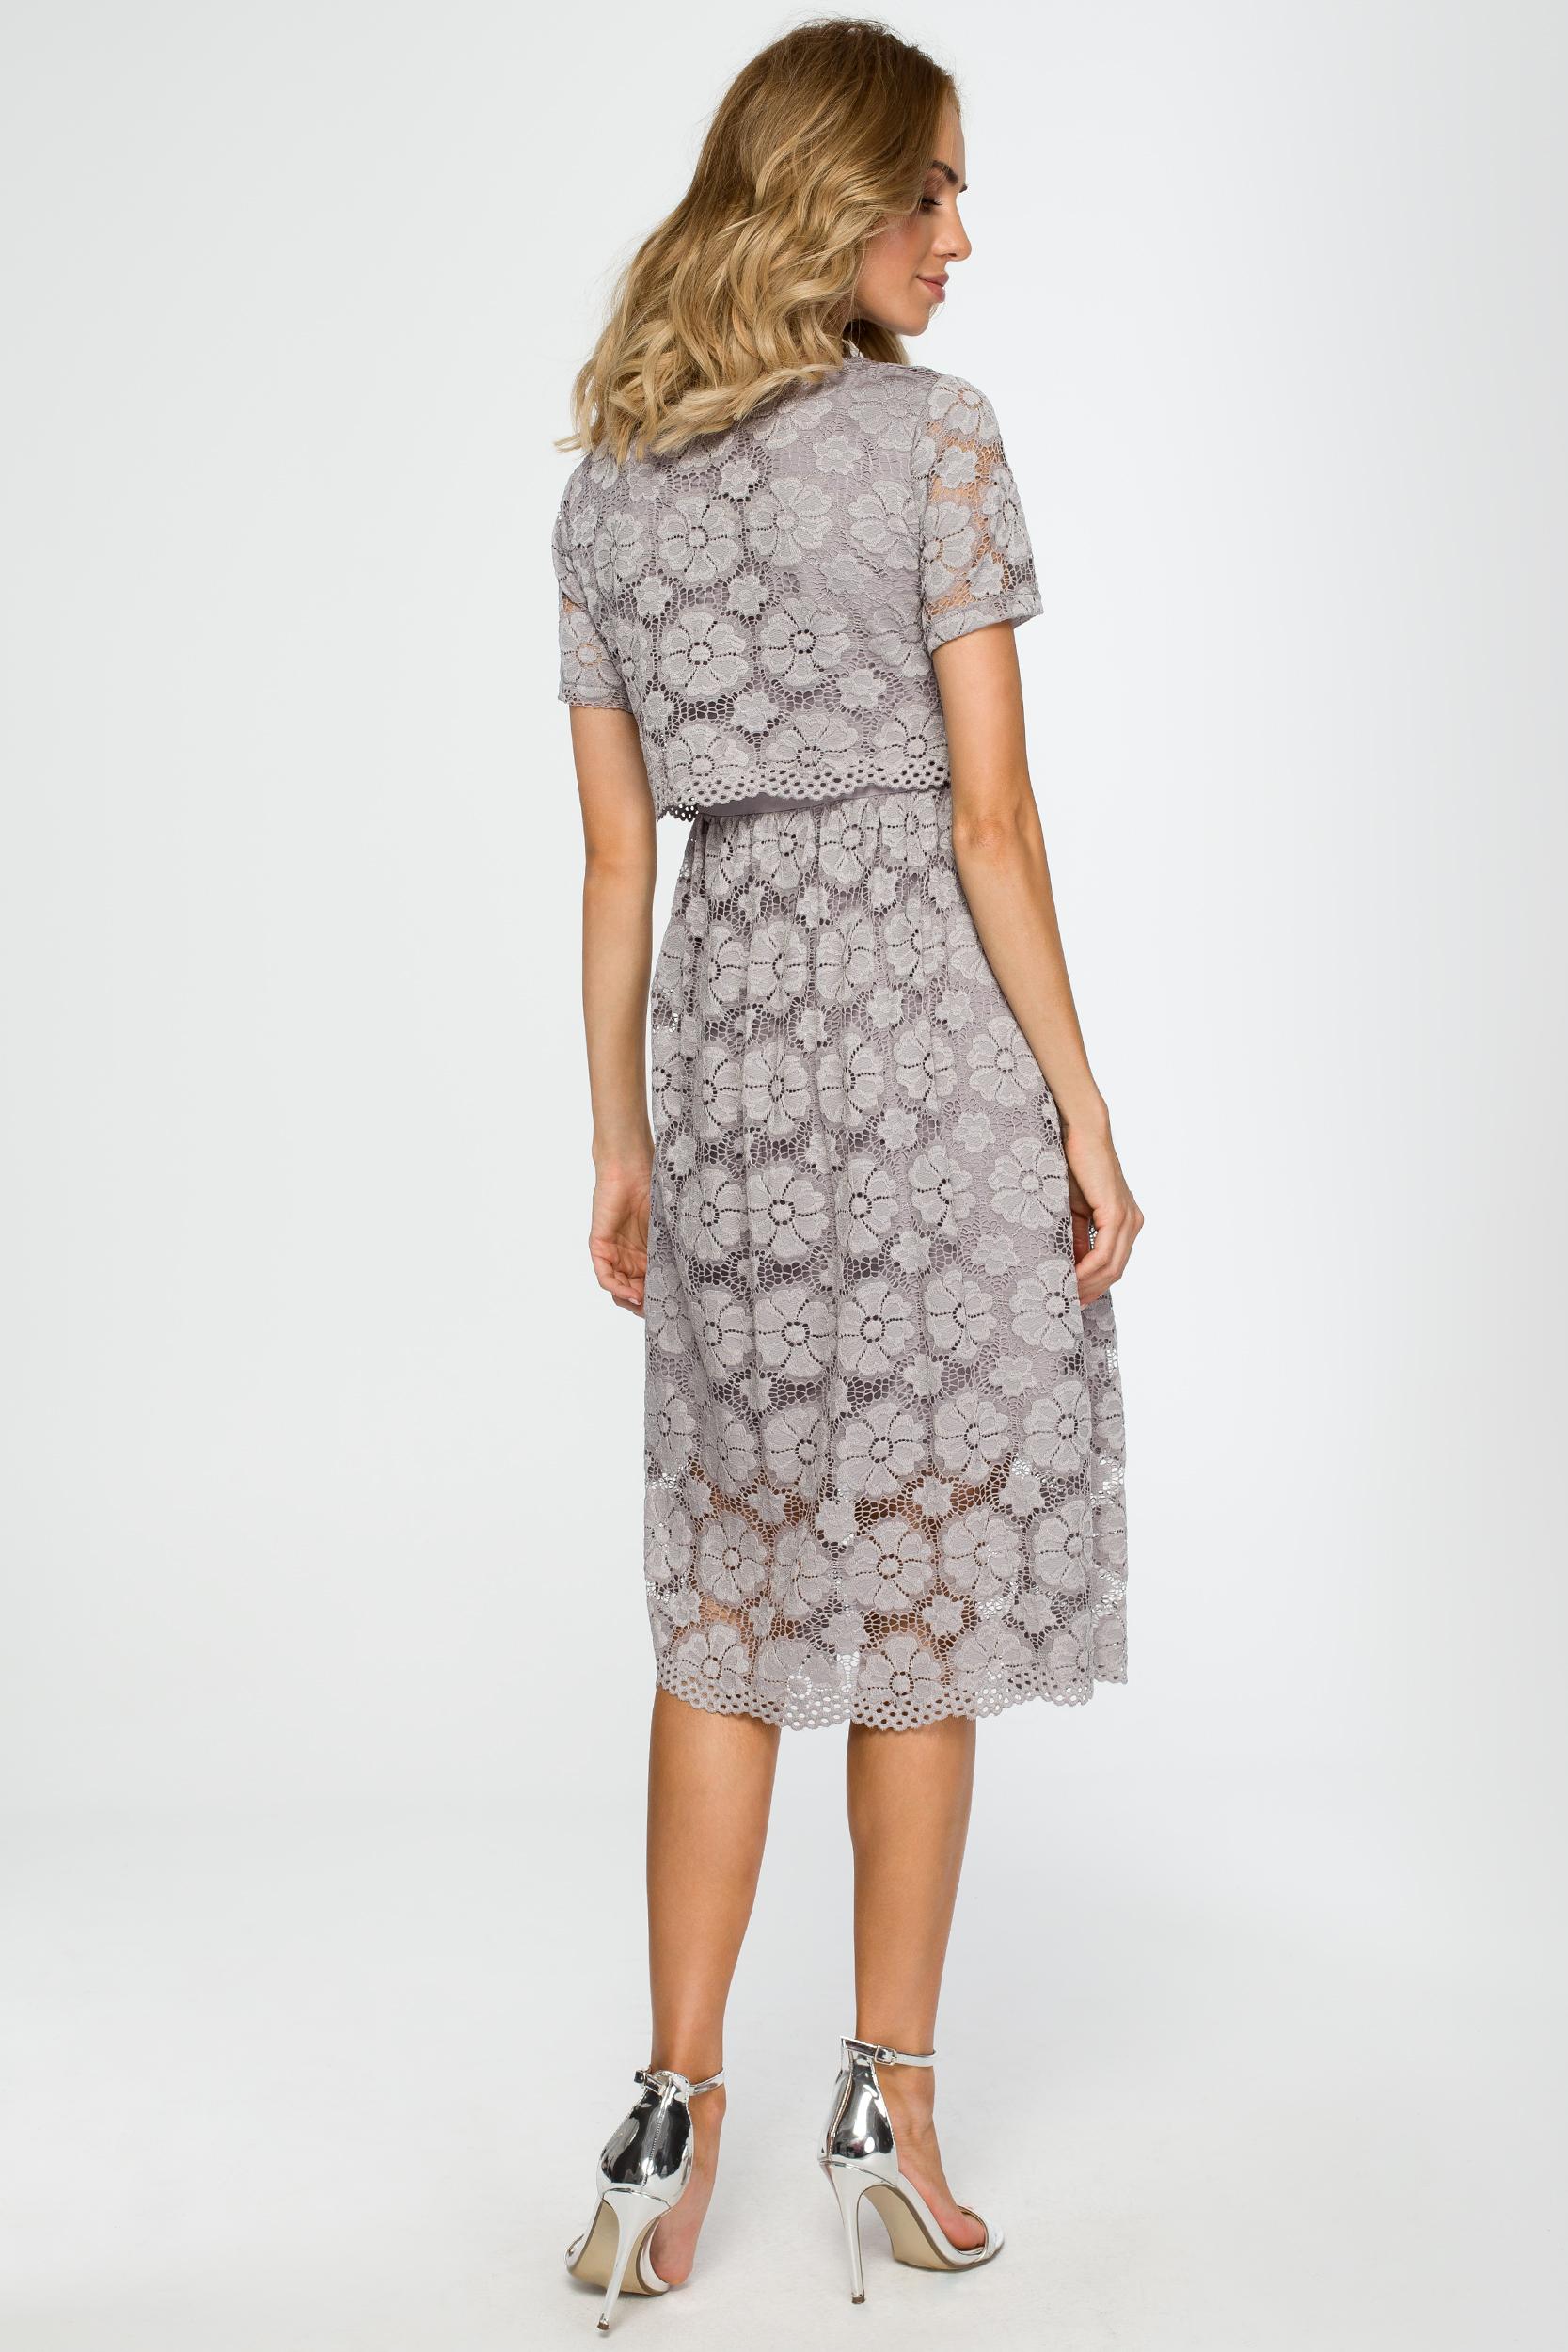 CM4015 Koronkowa sukienka midi - szara